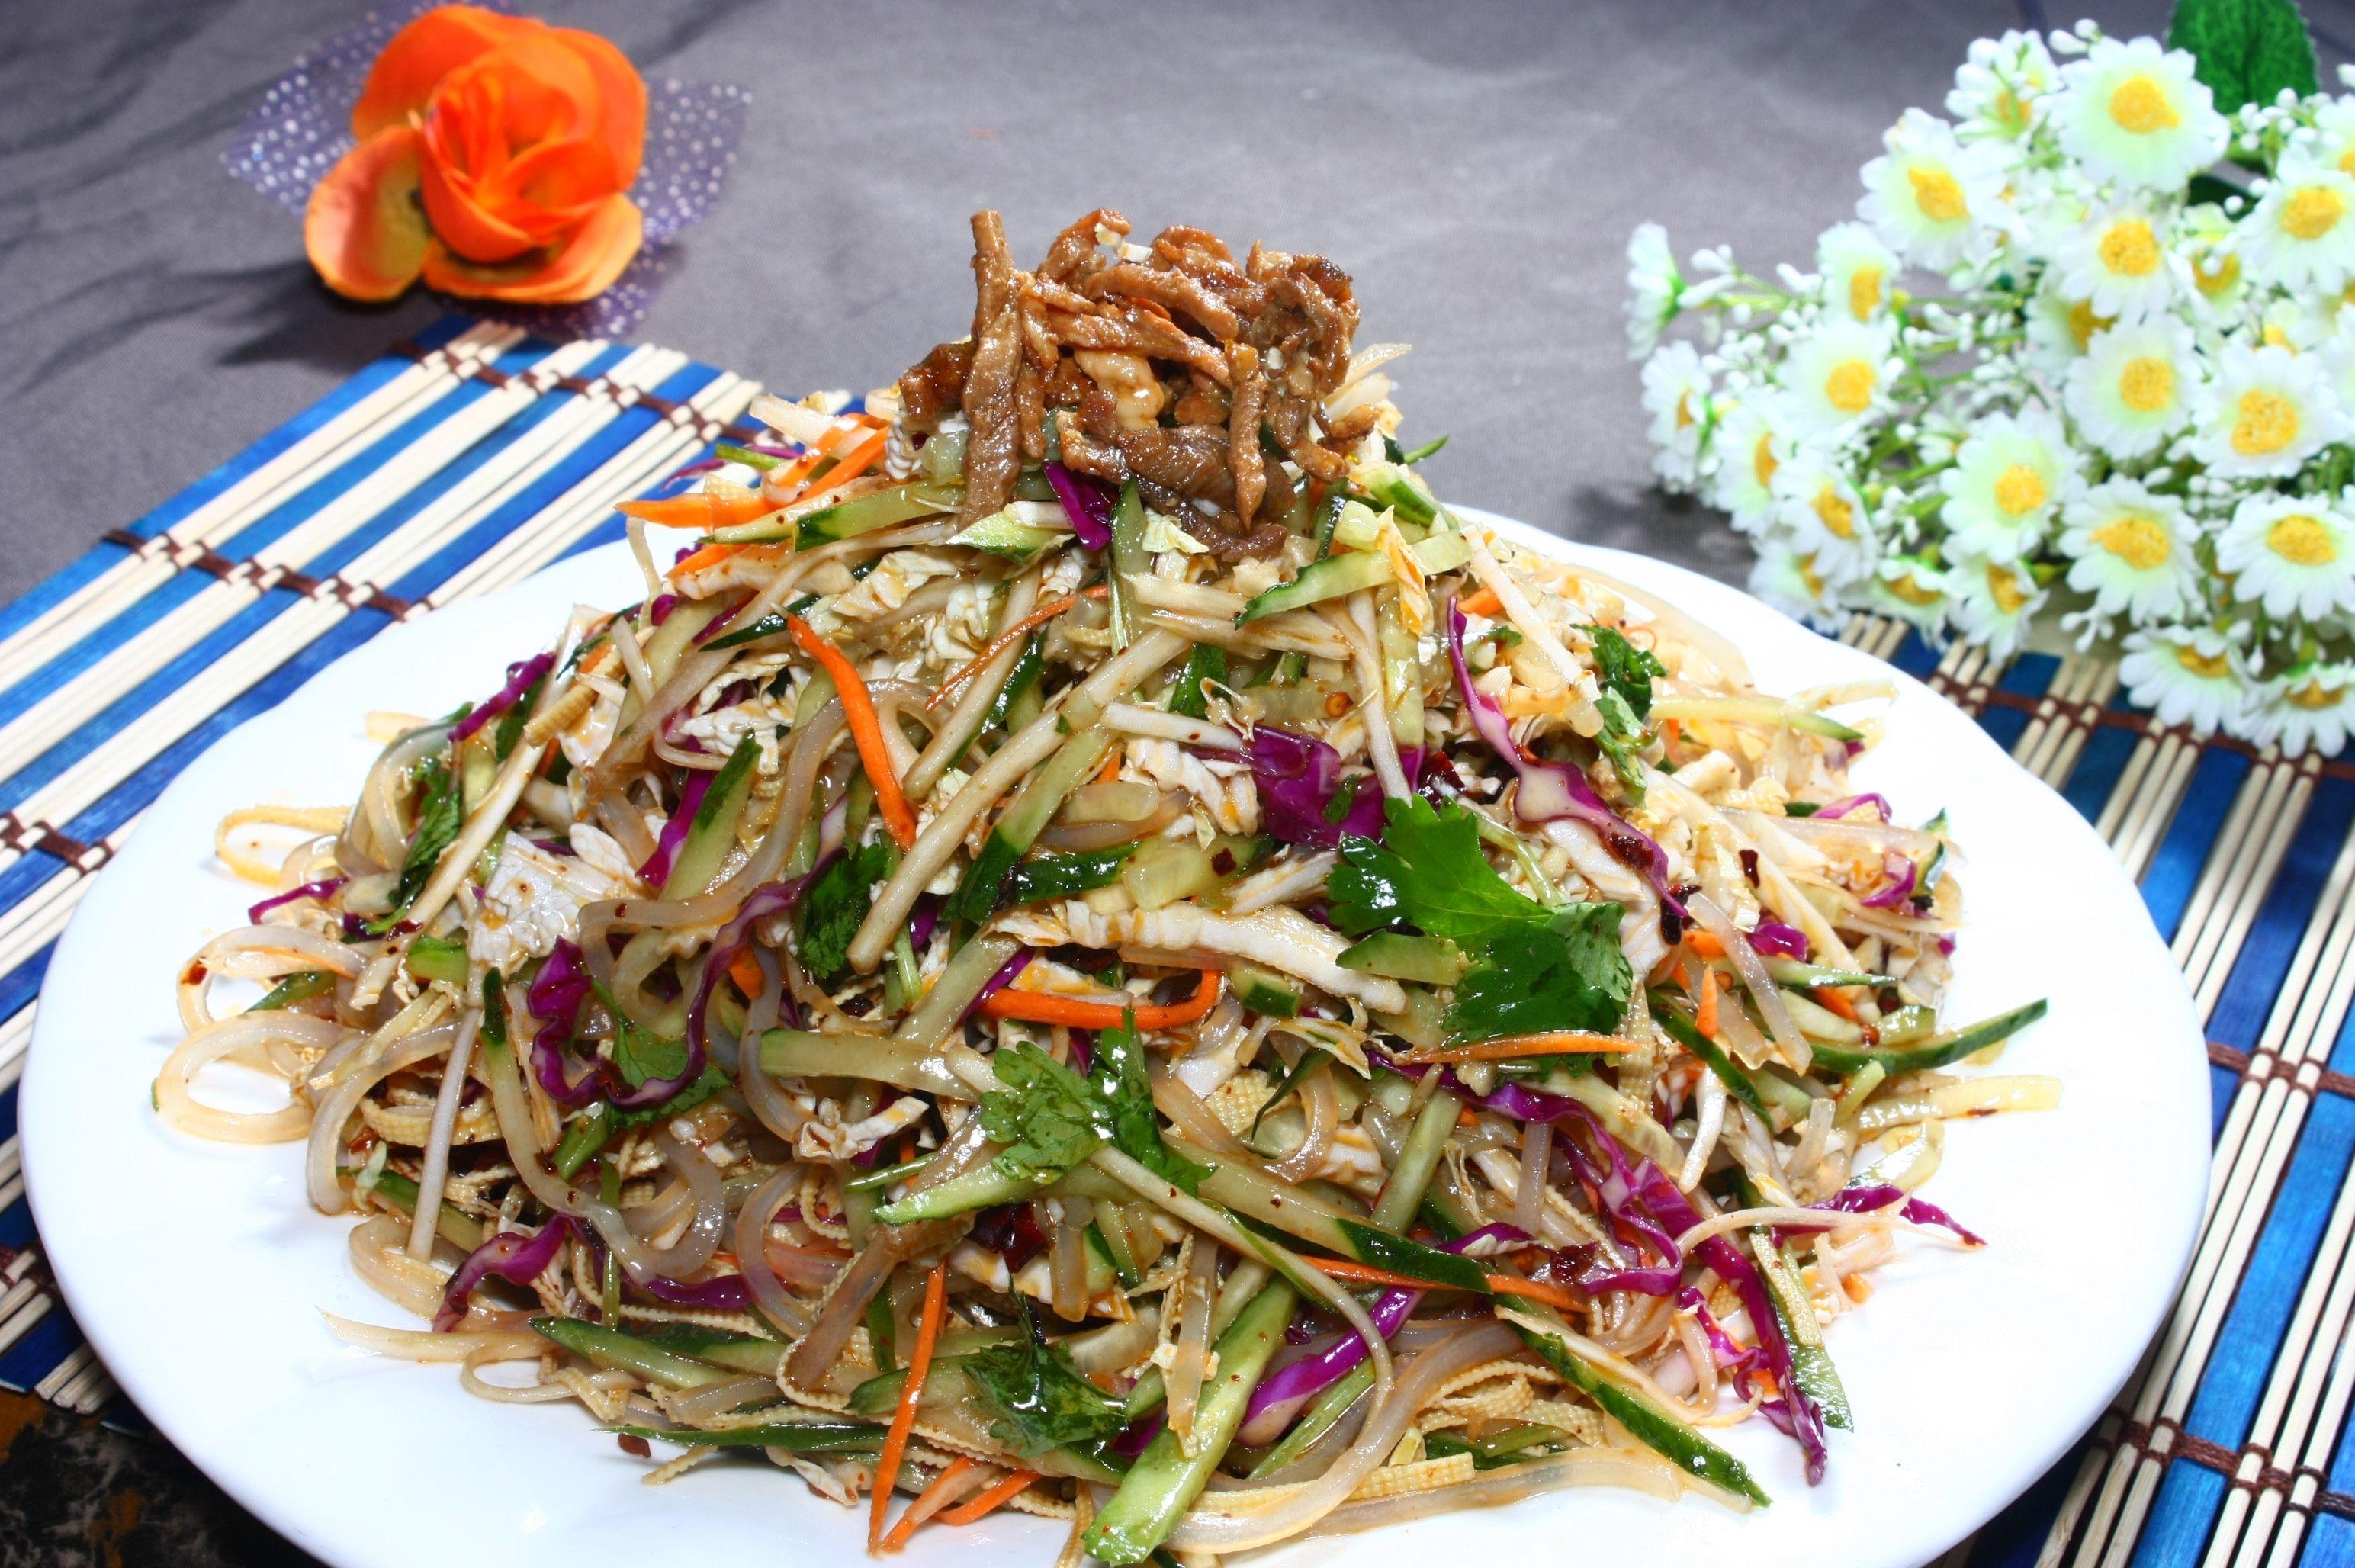 Салат домашний китайский рецепт с фото